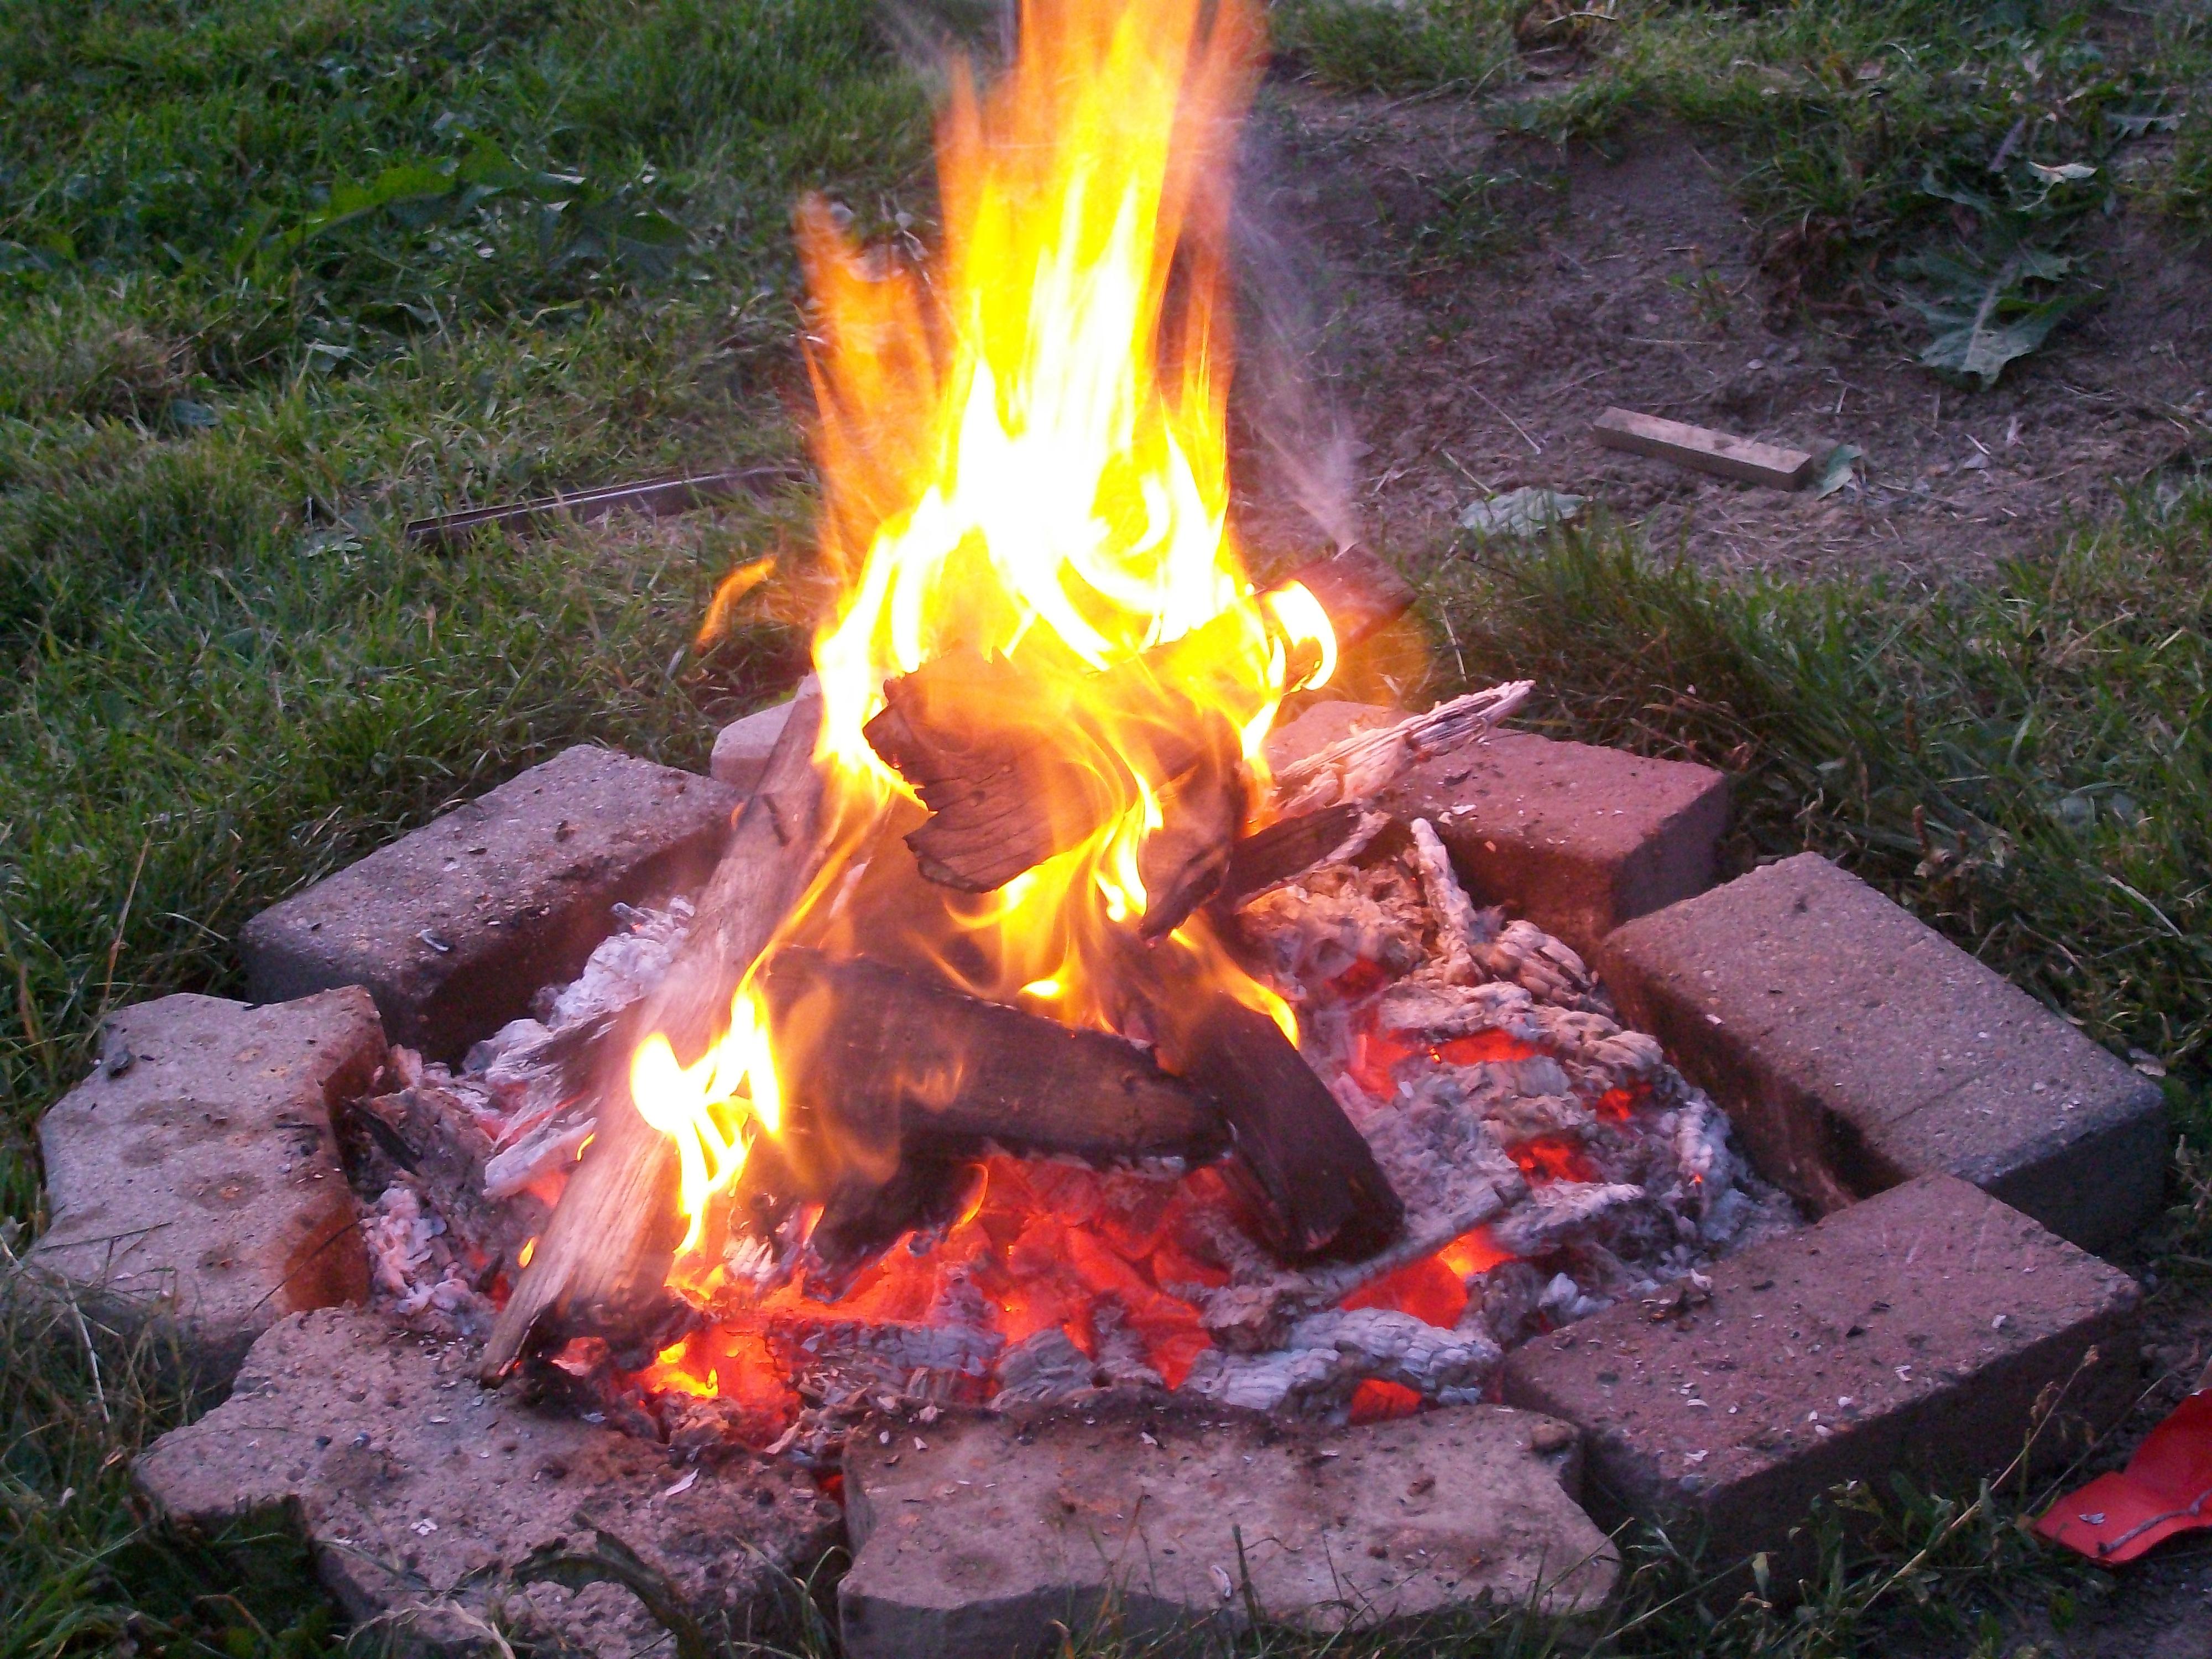 Neue Route erkundet & Einladung zum Lagerfeuer | inasstreifzuege